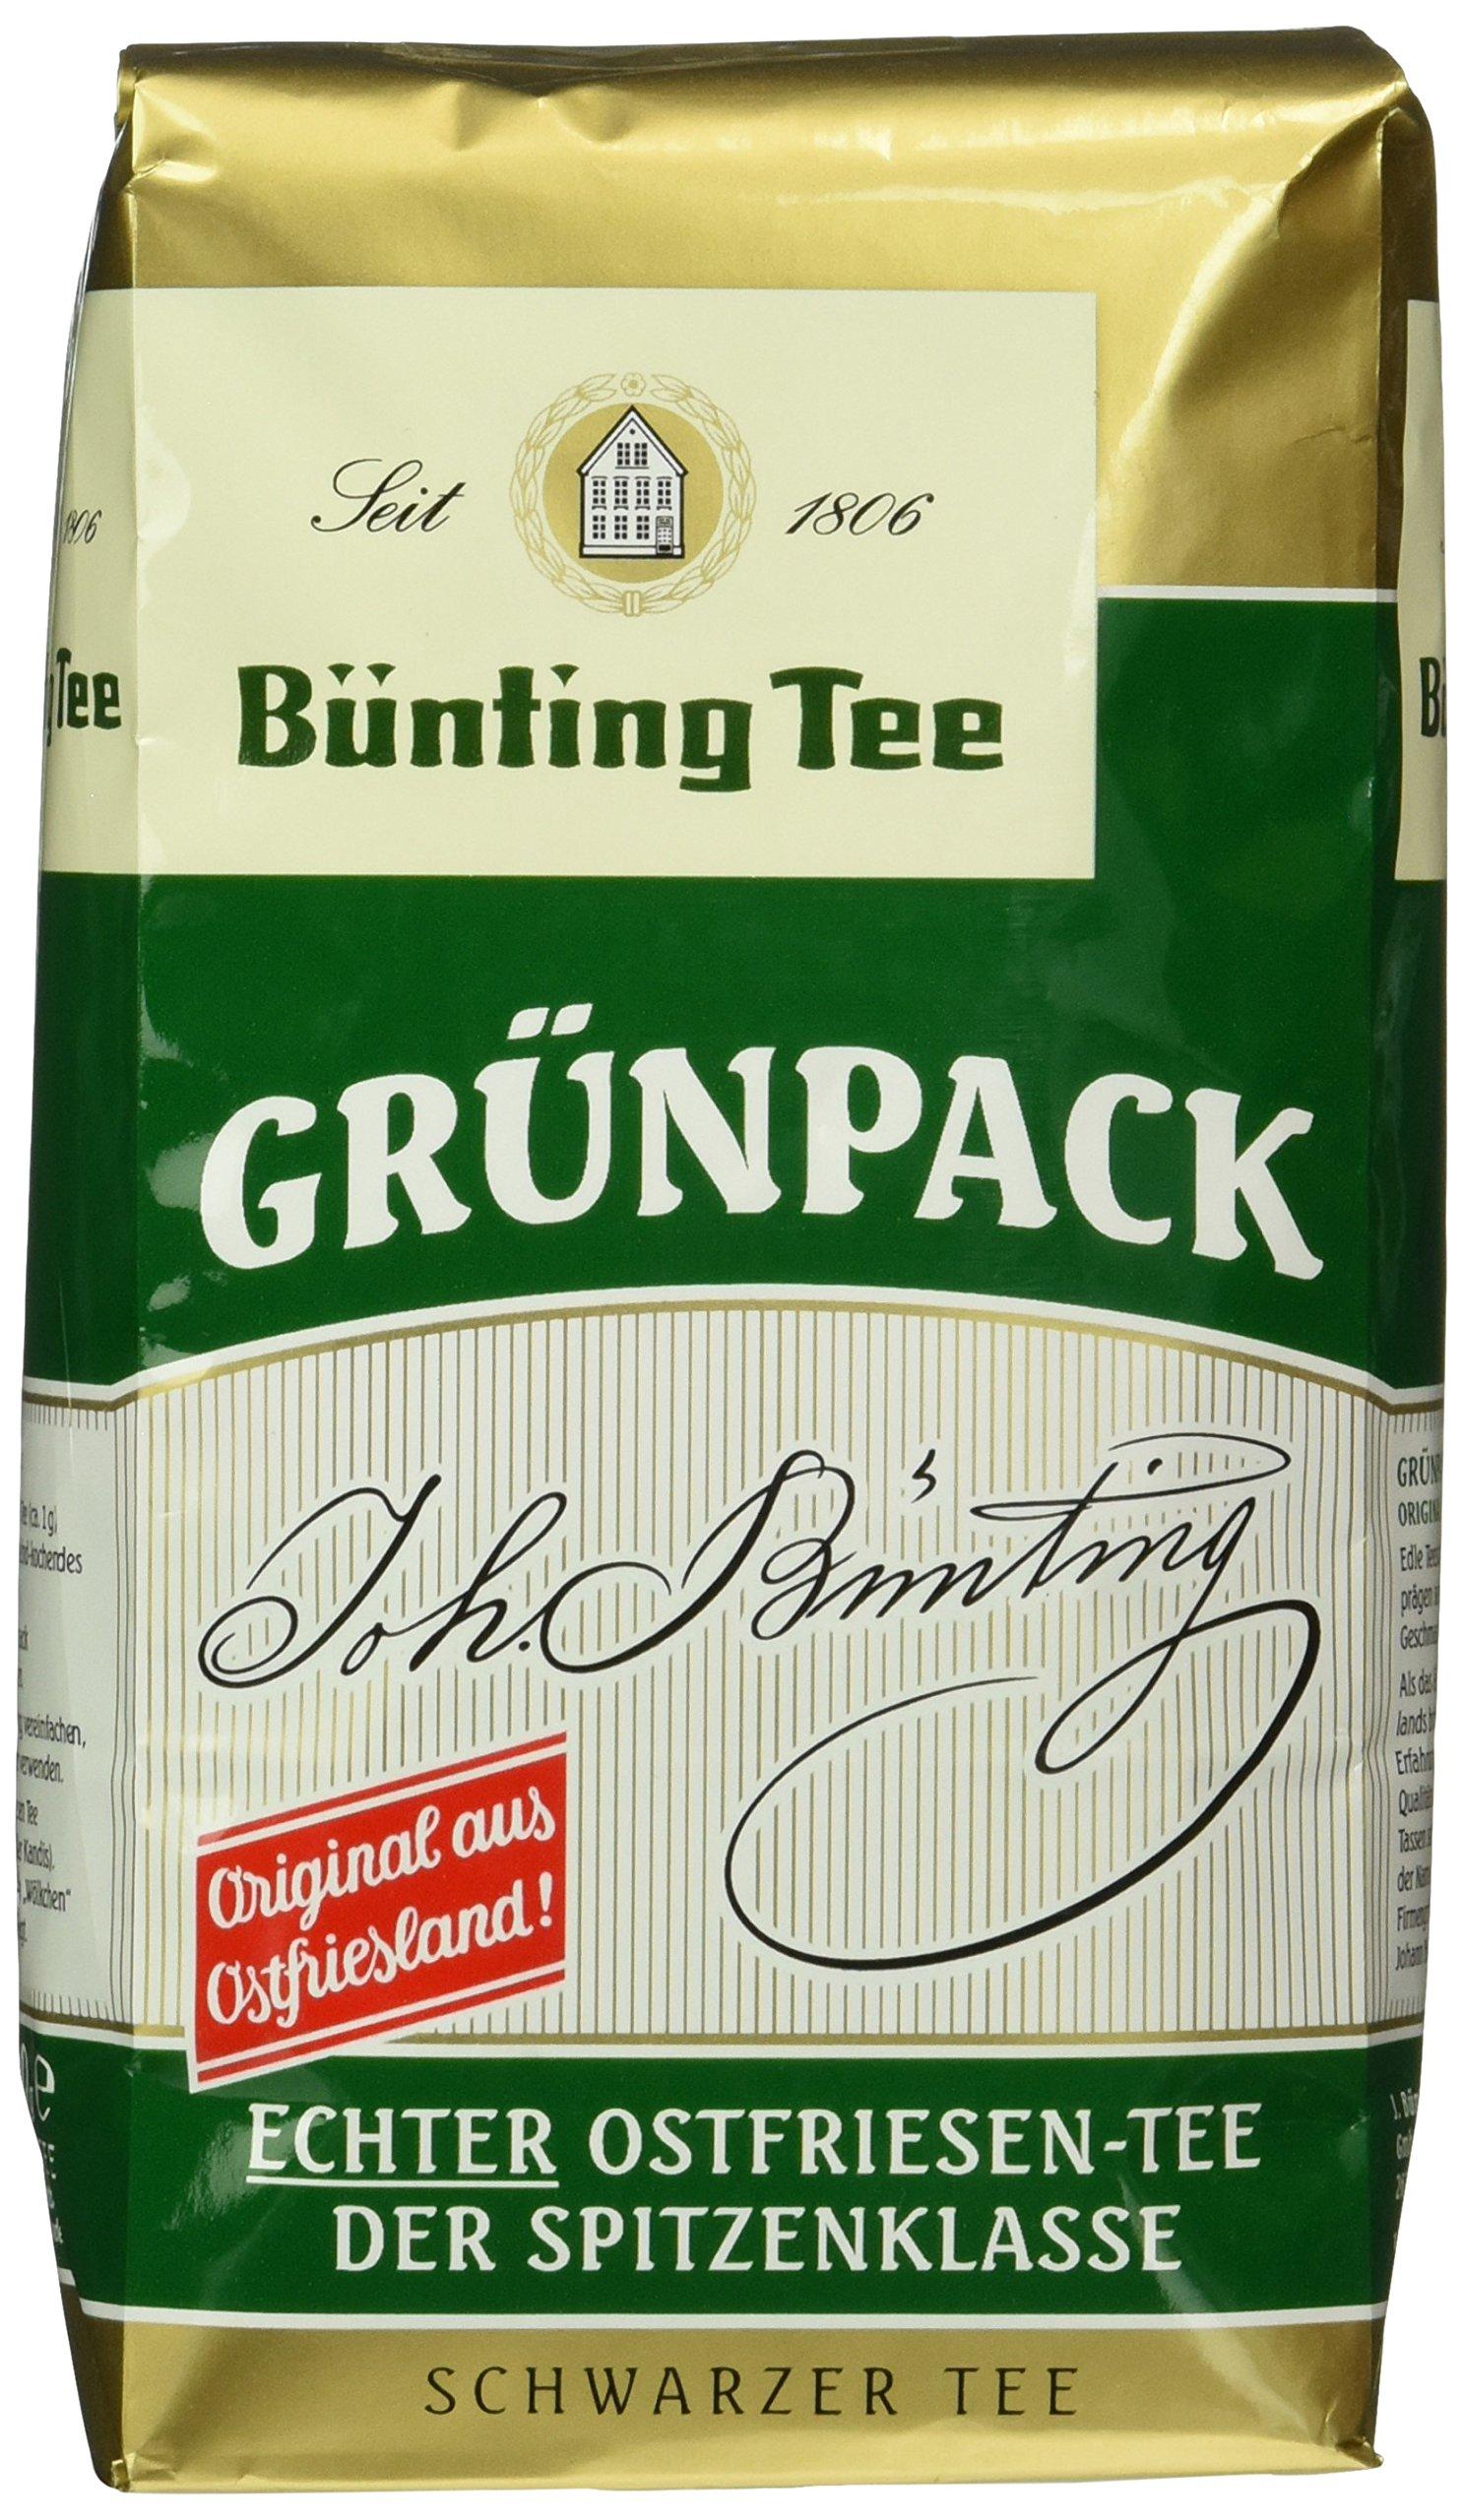 Bnting-Tee-Grnpack-Echter-Ostfriesentee-500-g